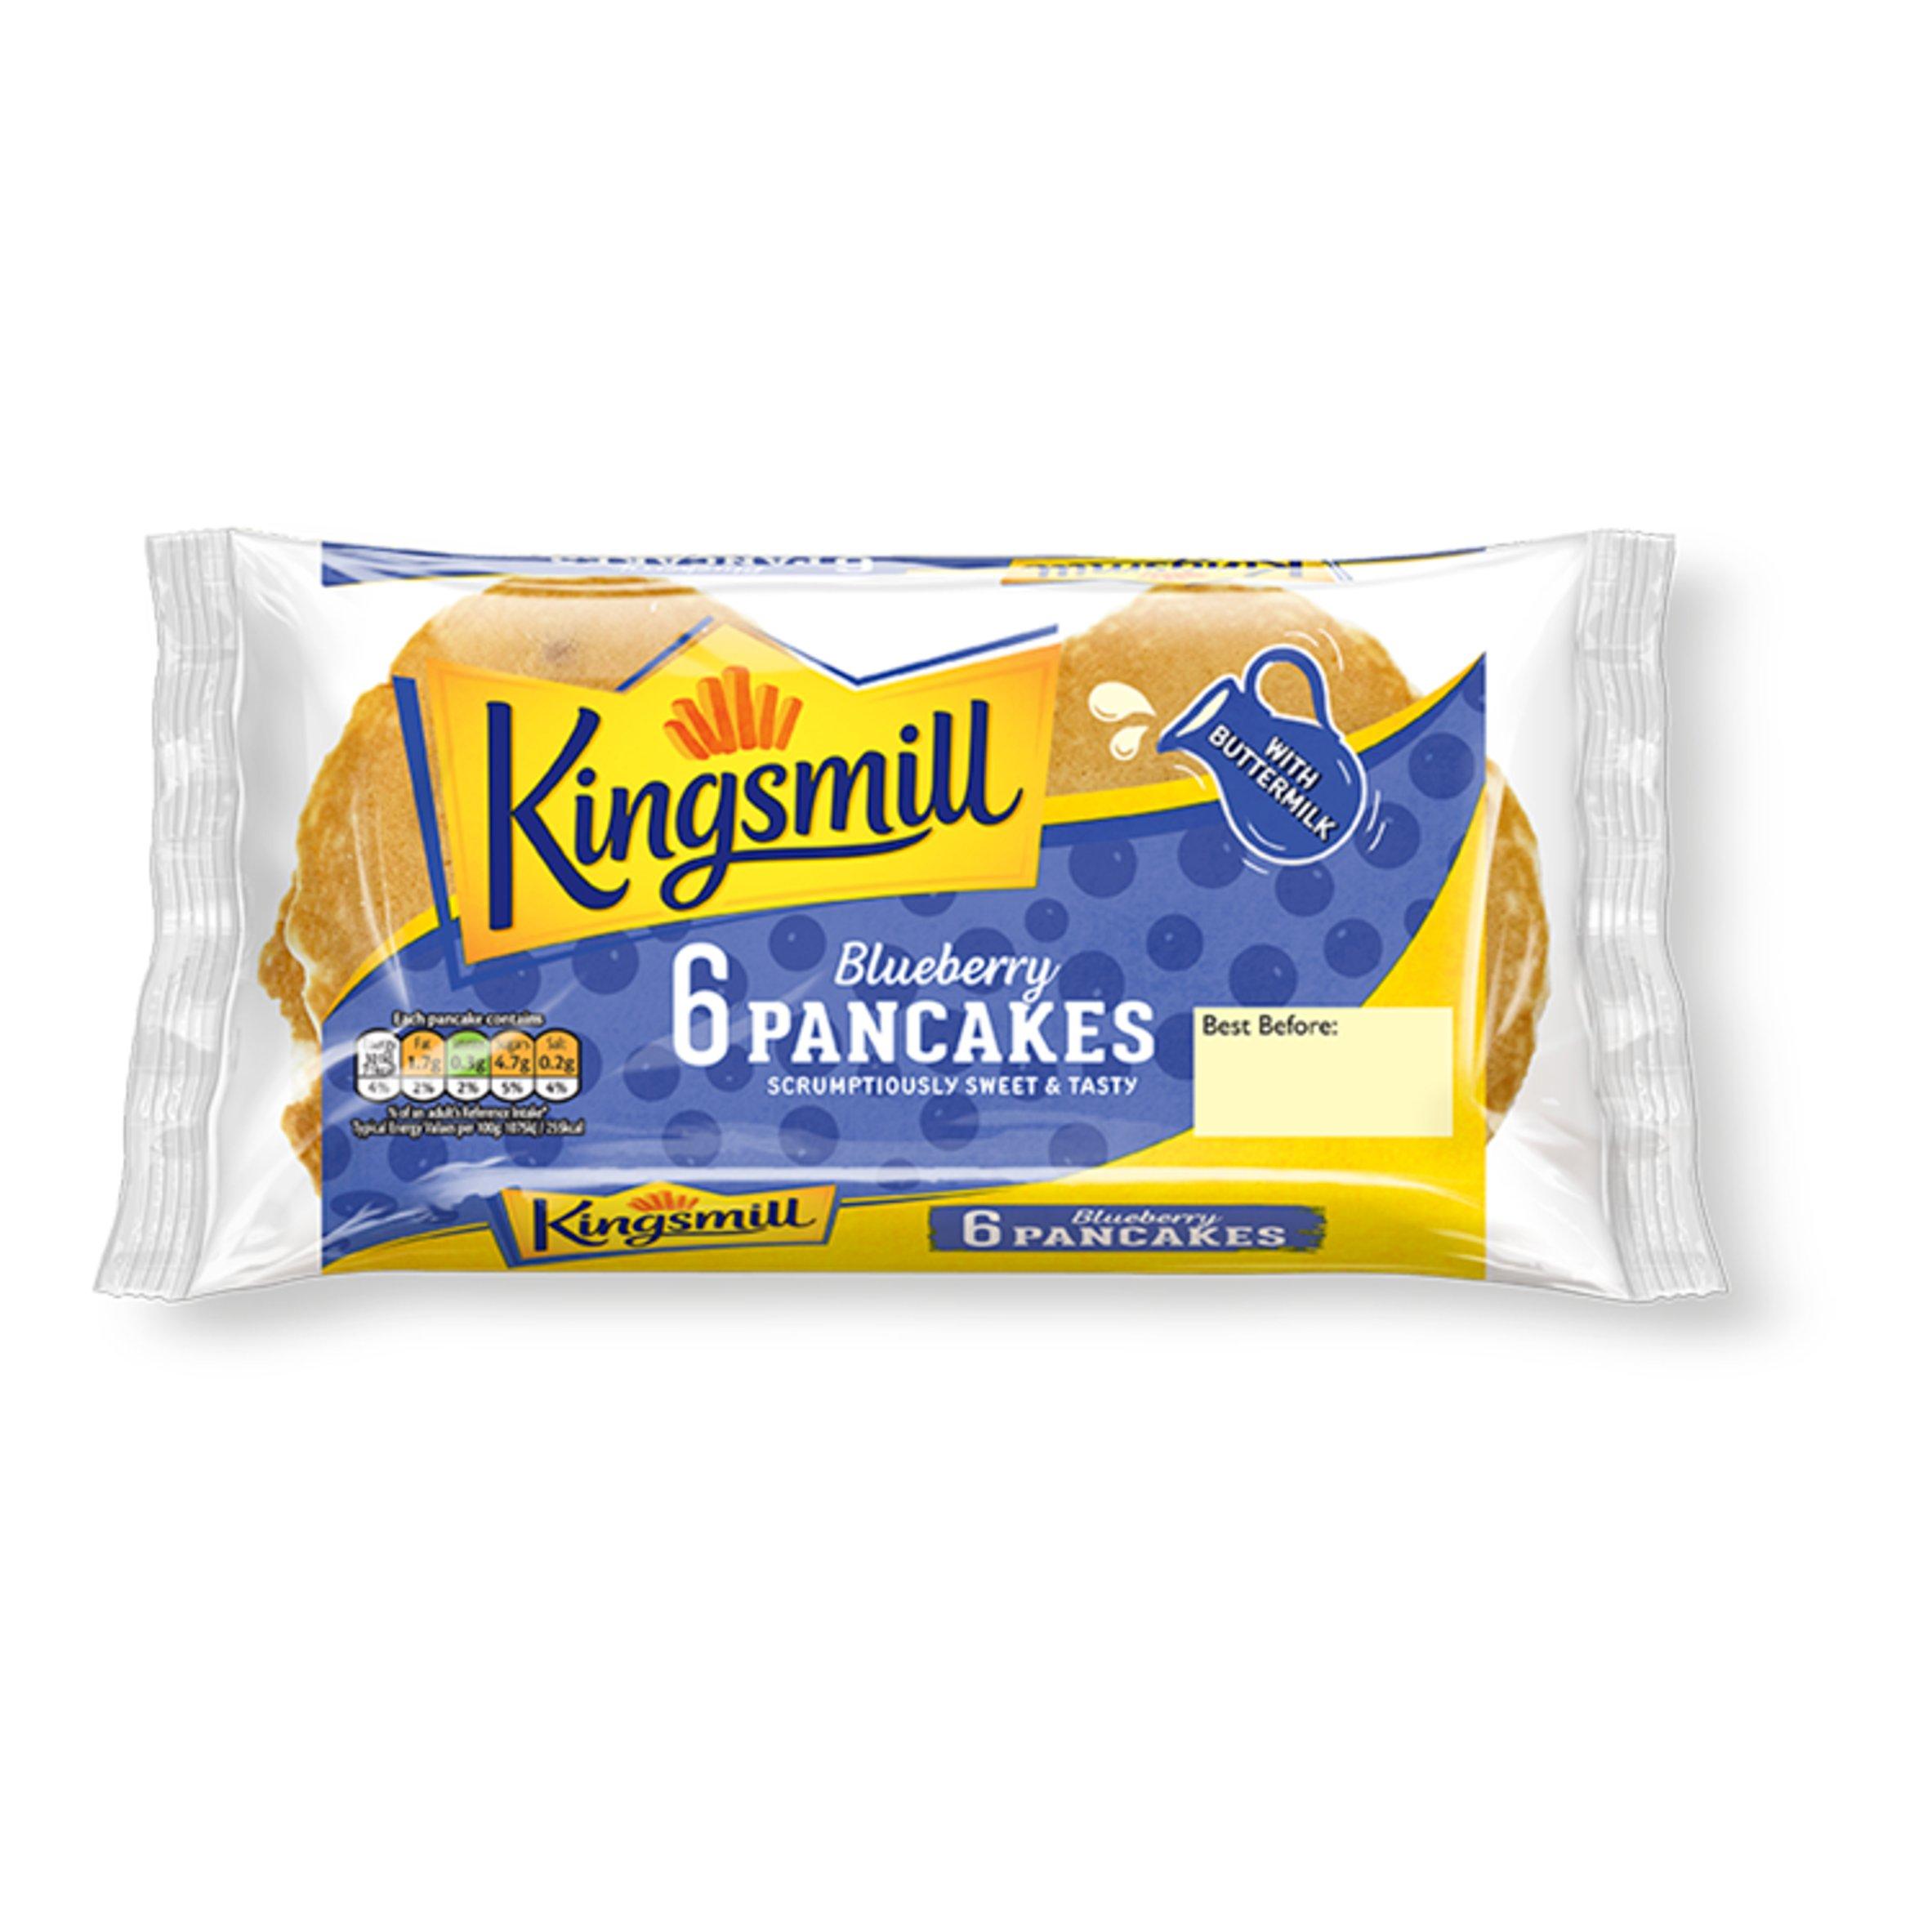 Kingsmill Blueberry Pancakes 6 Pack